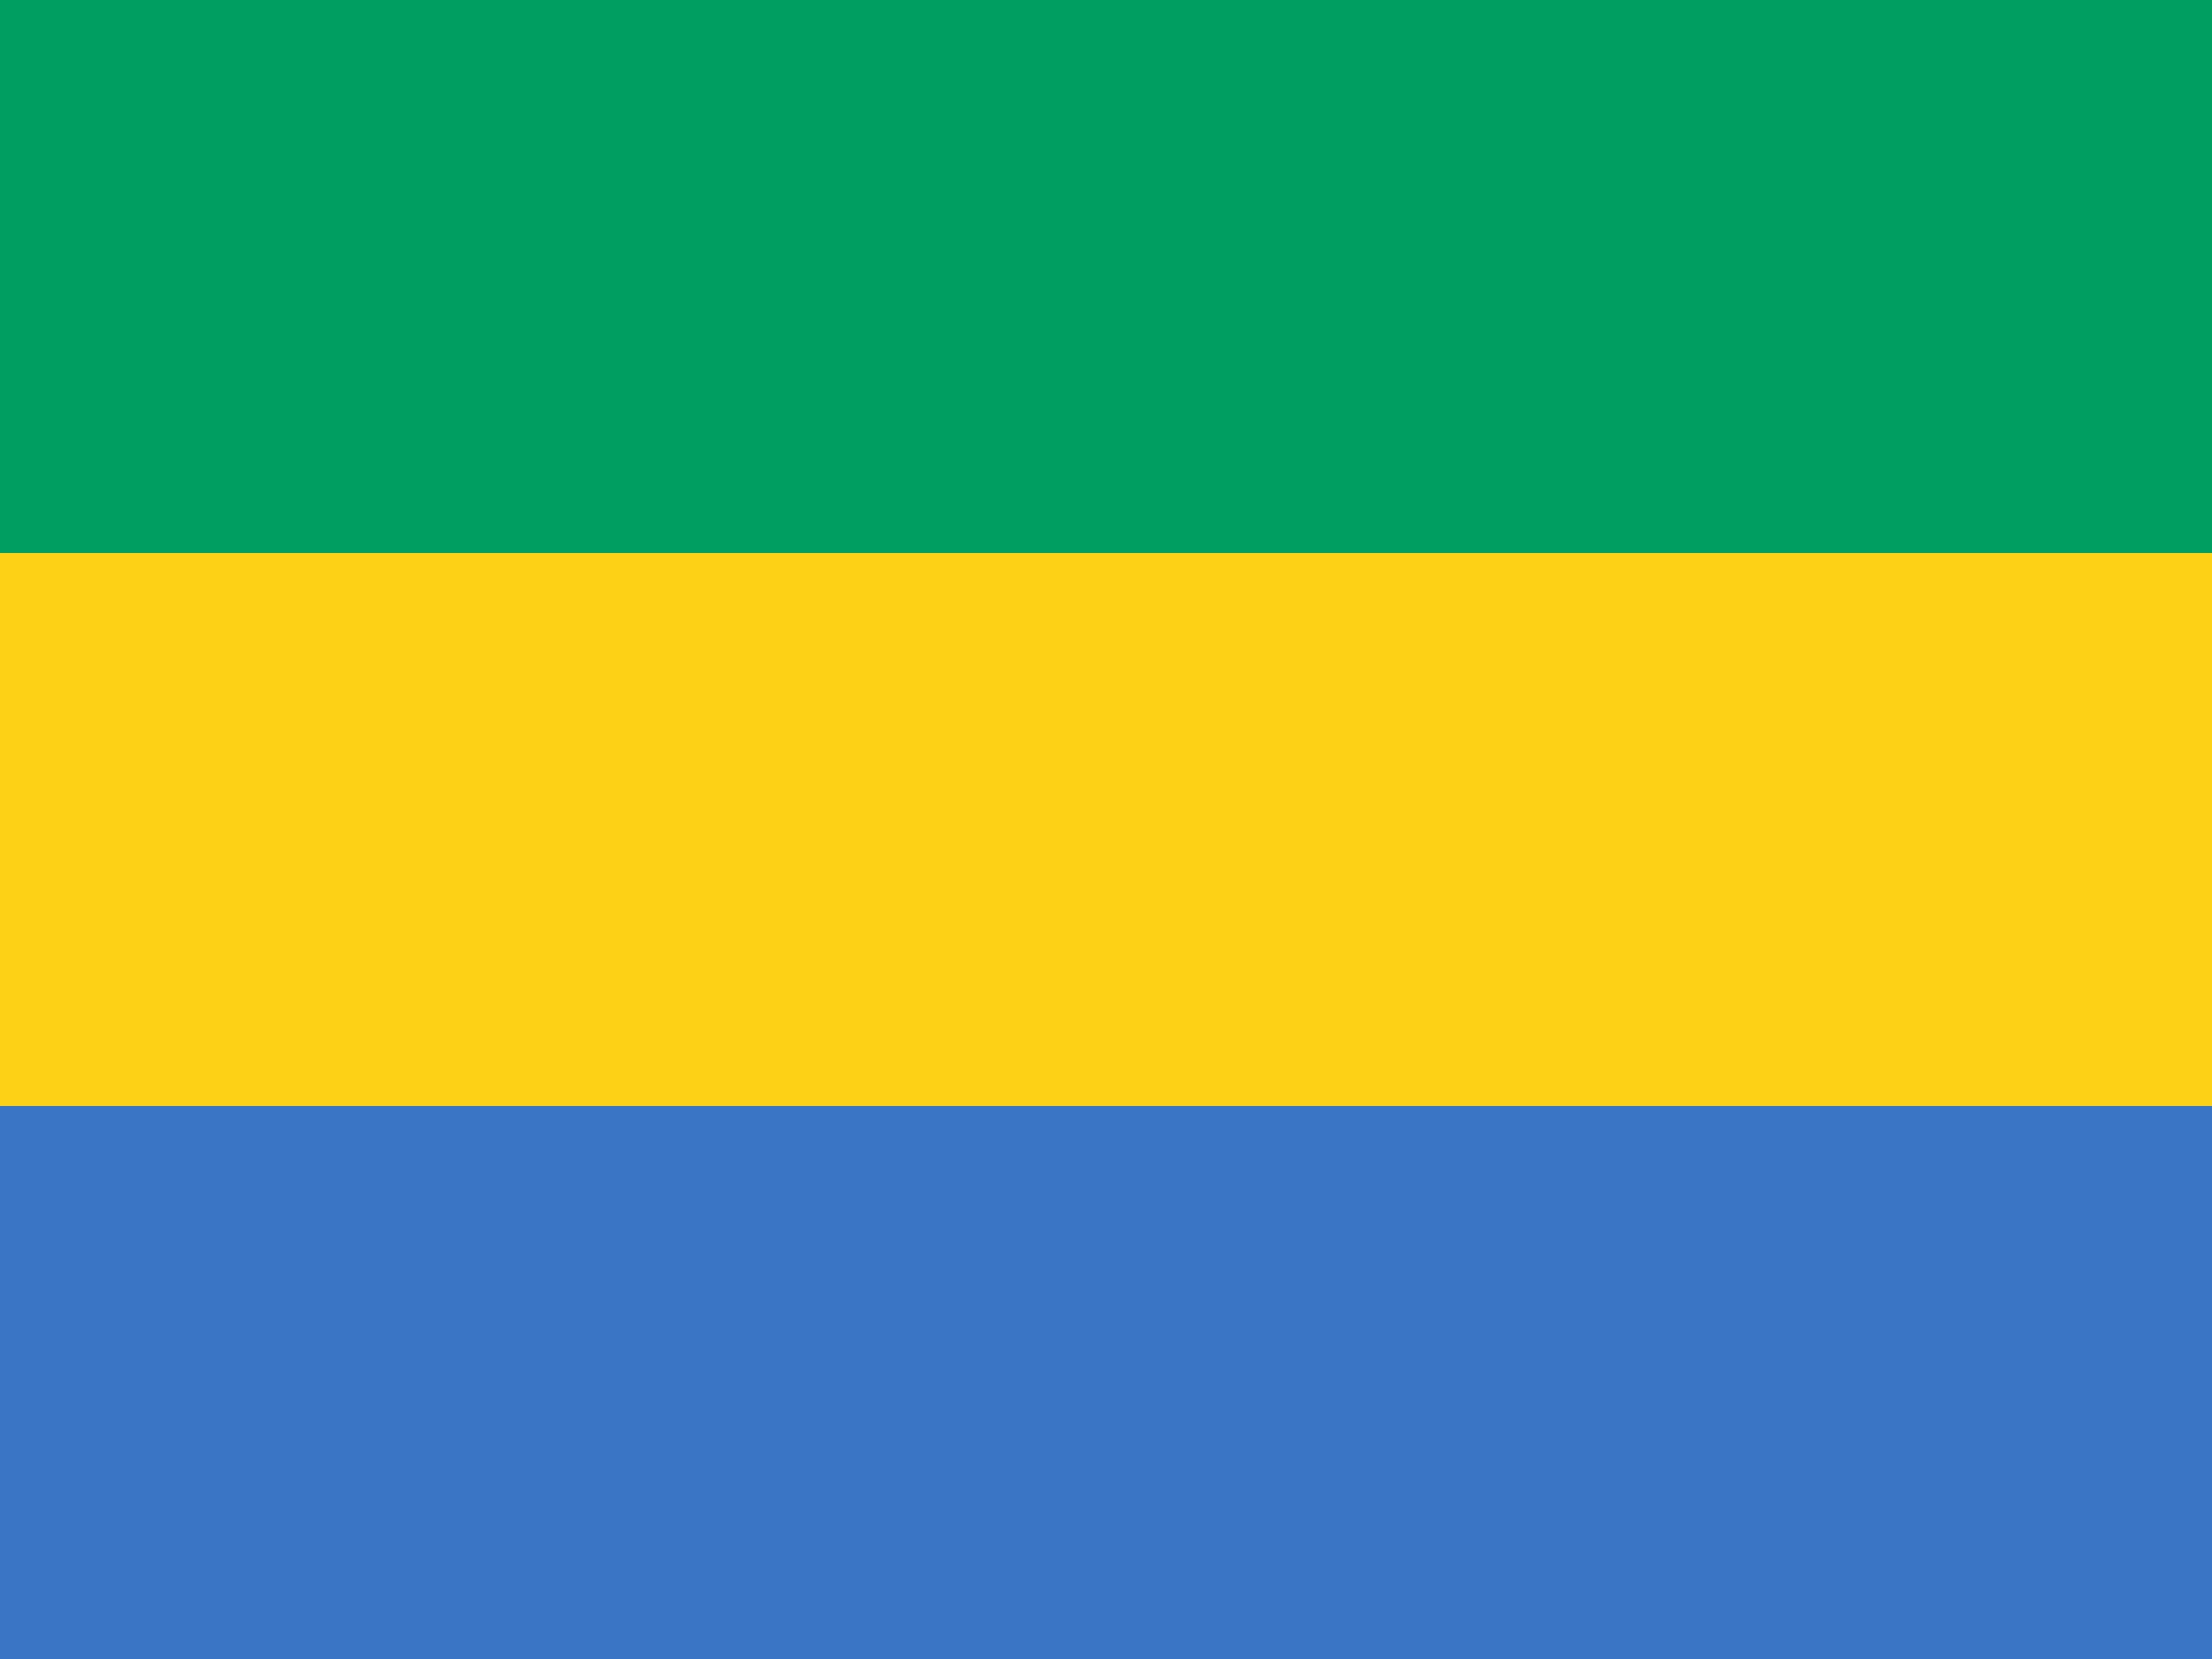 Un site internet pour informer les fonctionnaires gabonais